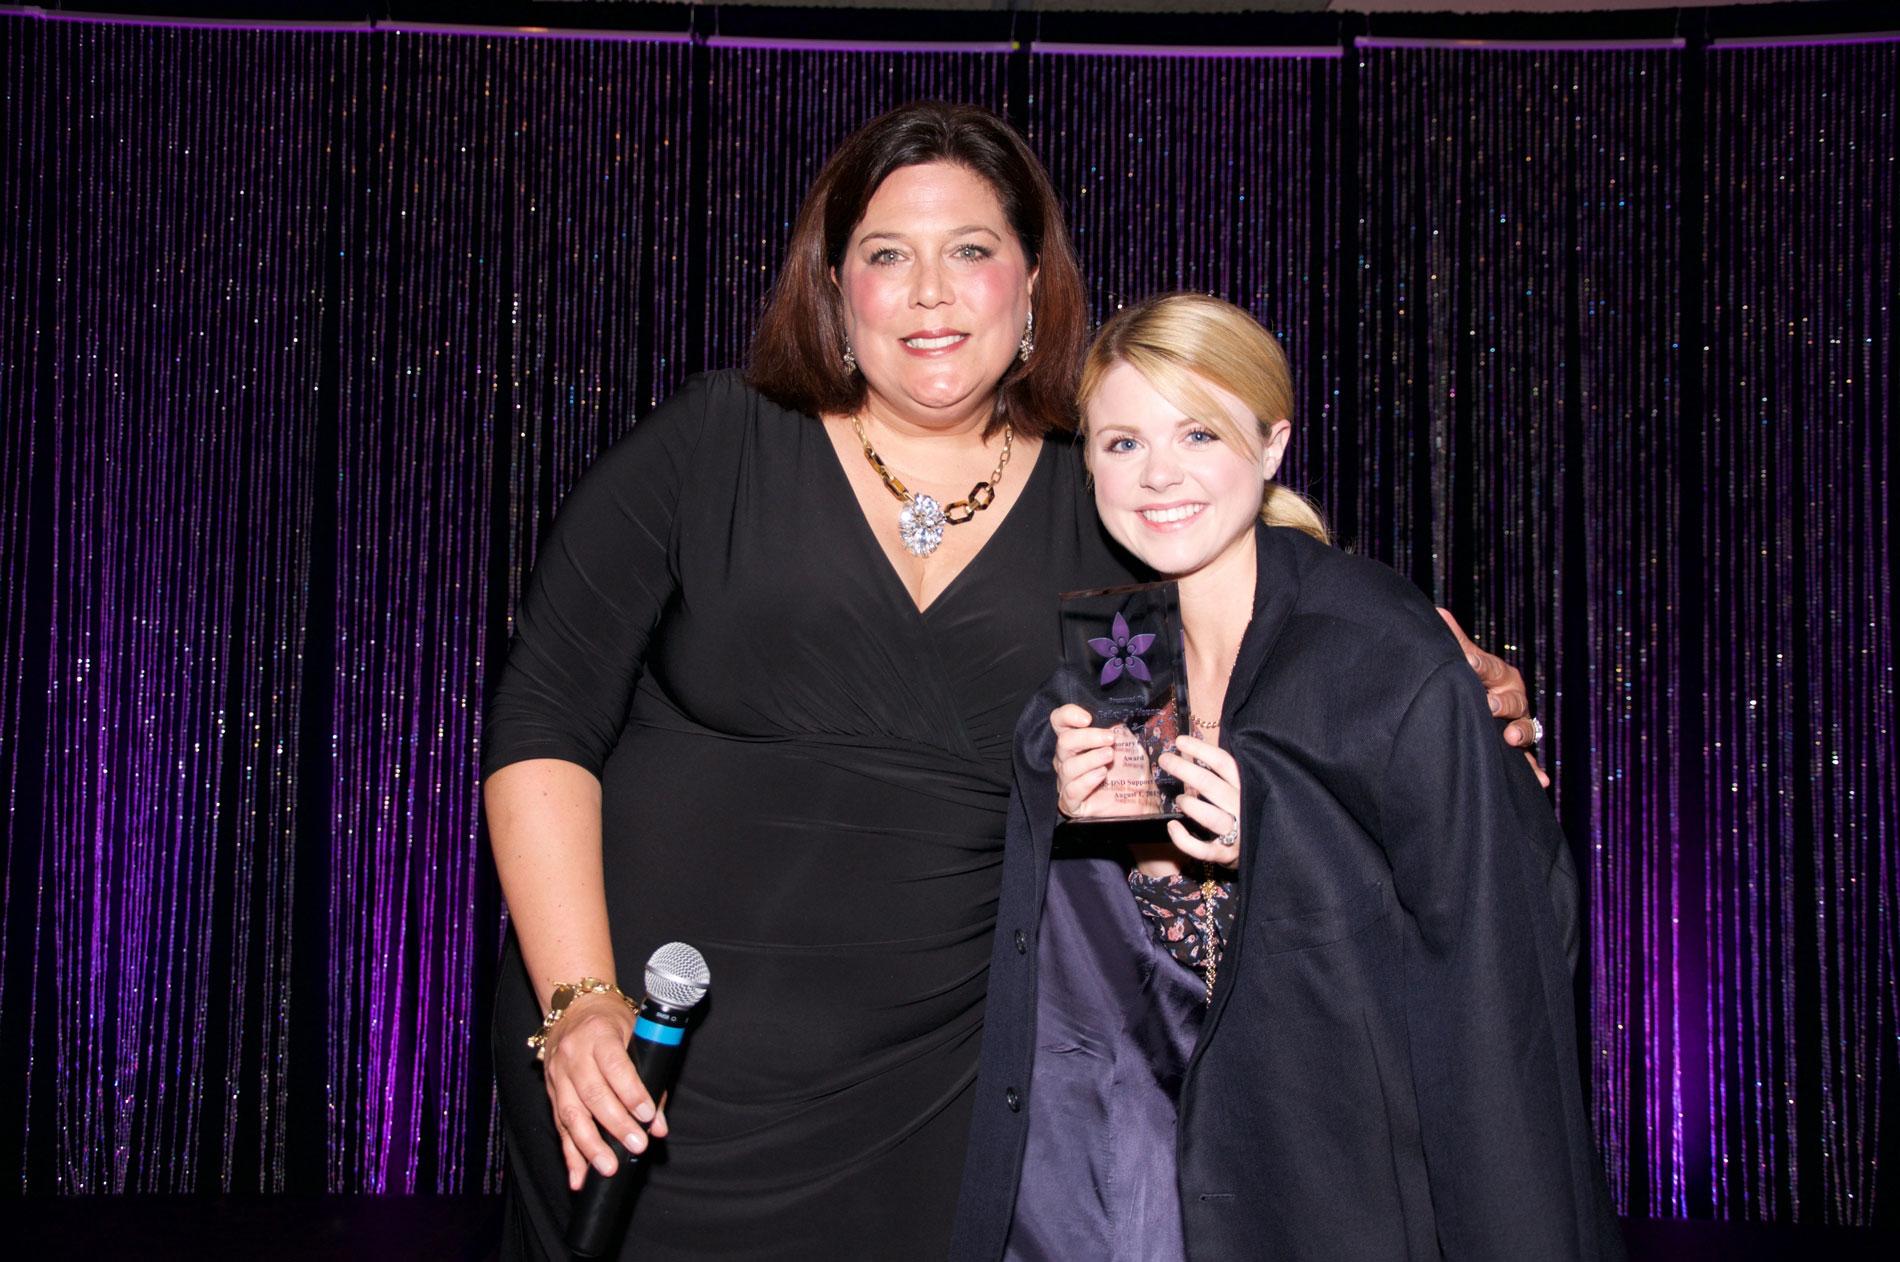 interACT executive director present actress Bailey De Young with an AIS-DSD support group award